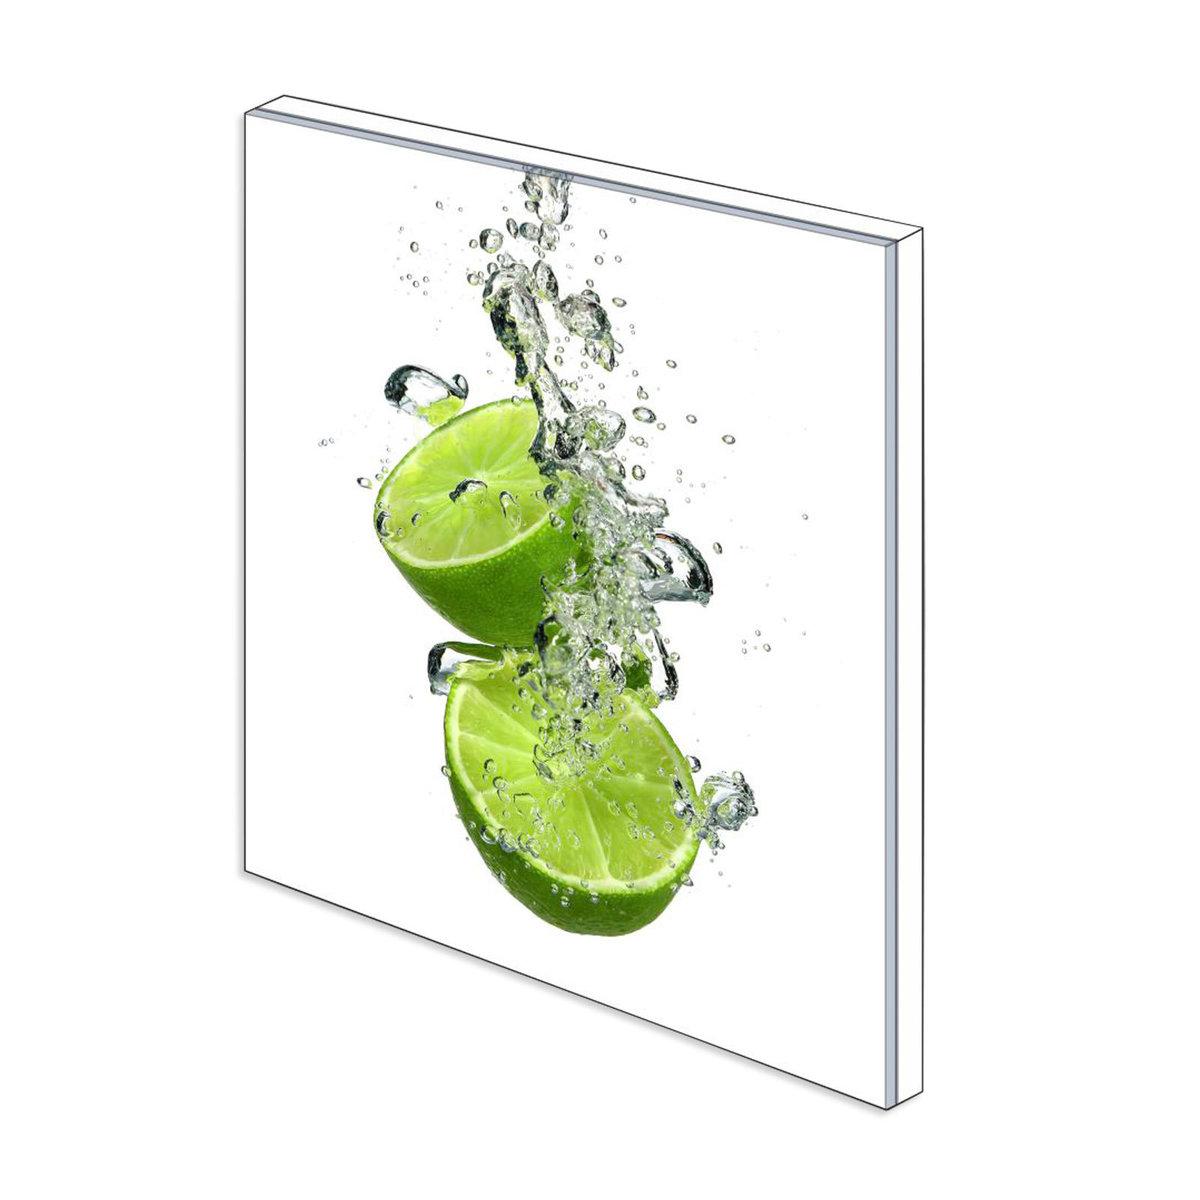 Bild 3 von Küchenrückwand aus Glas - LIMETTE - 60x65 cm